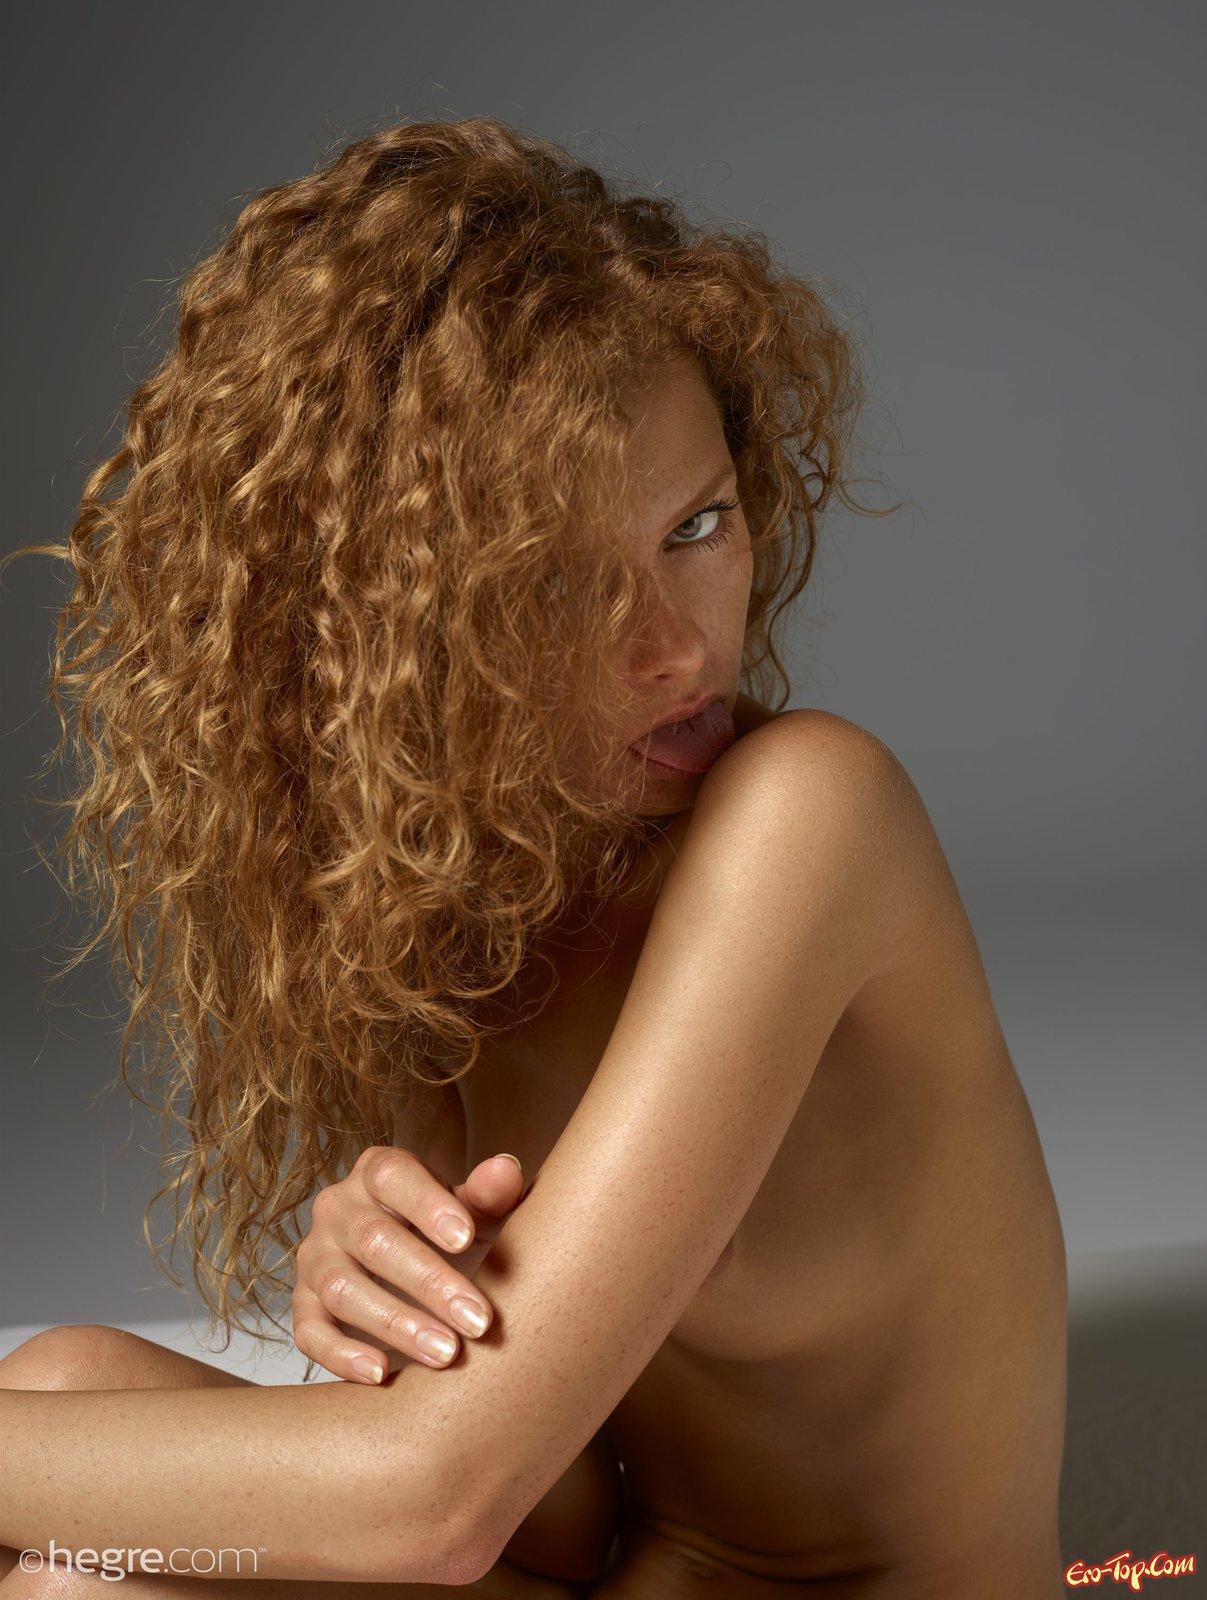 Обнаженная кучерявая красавица с рыжими волосами